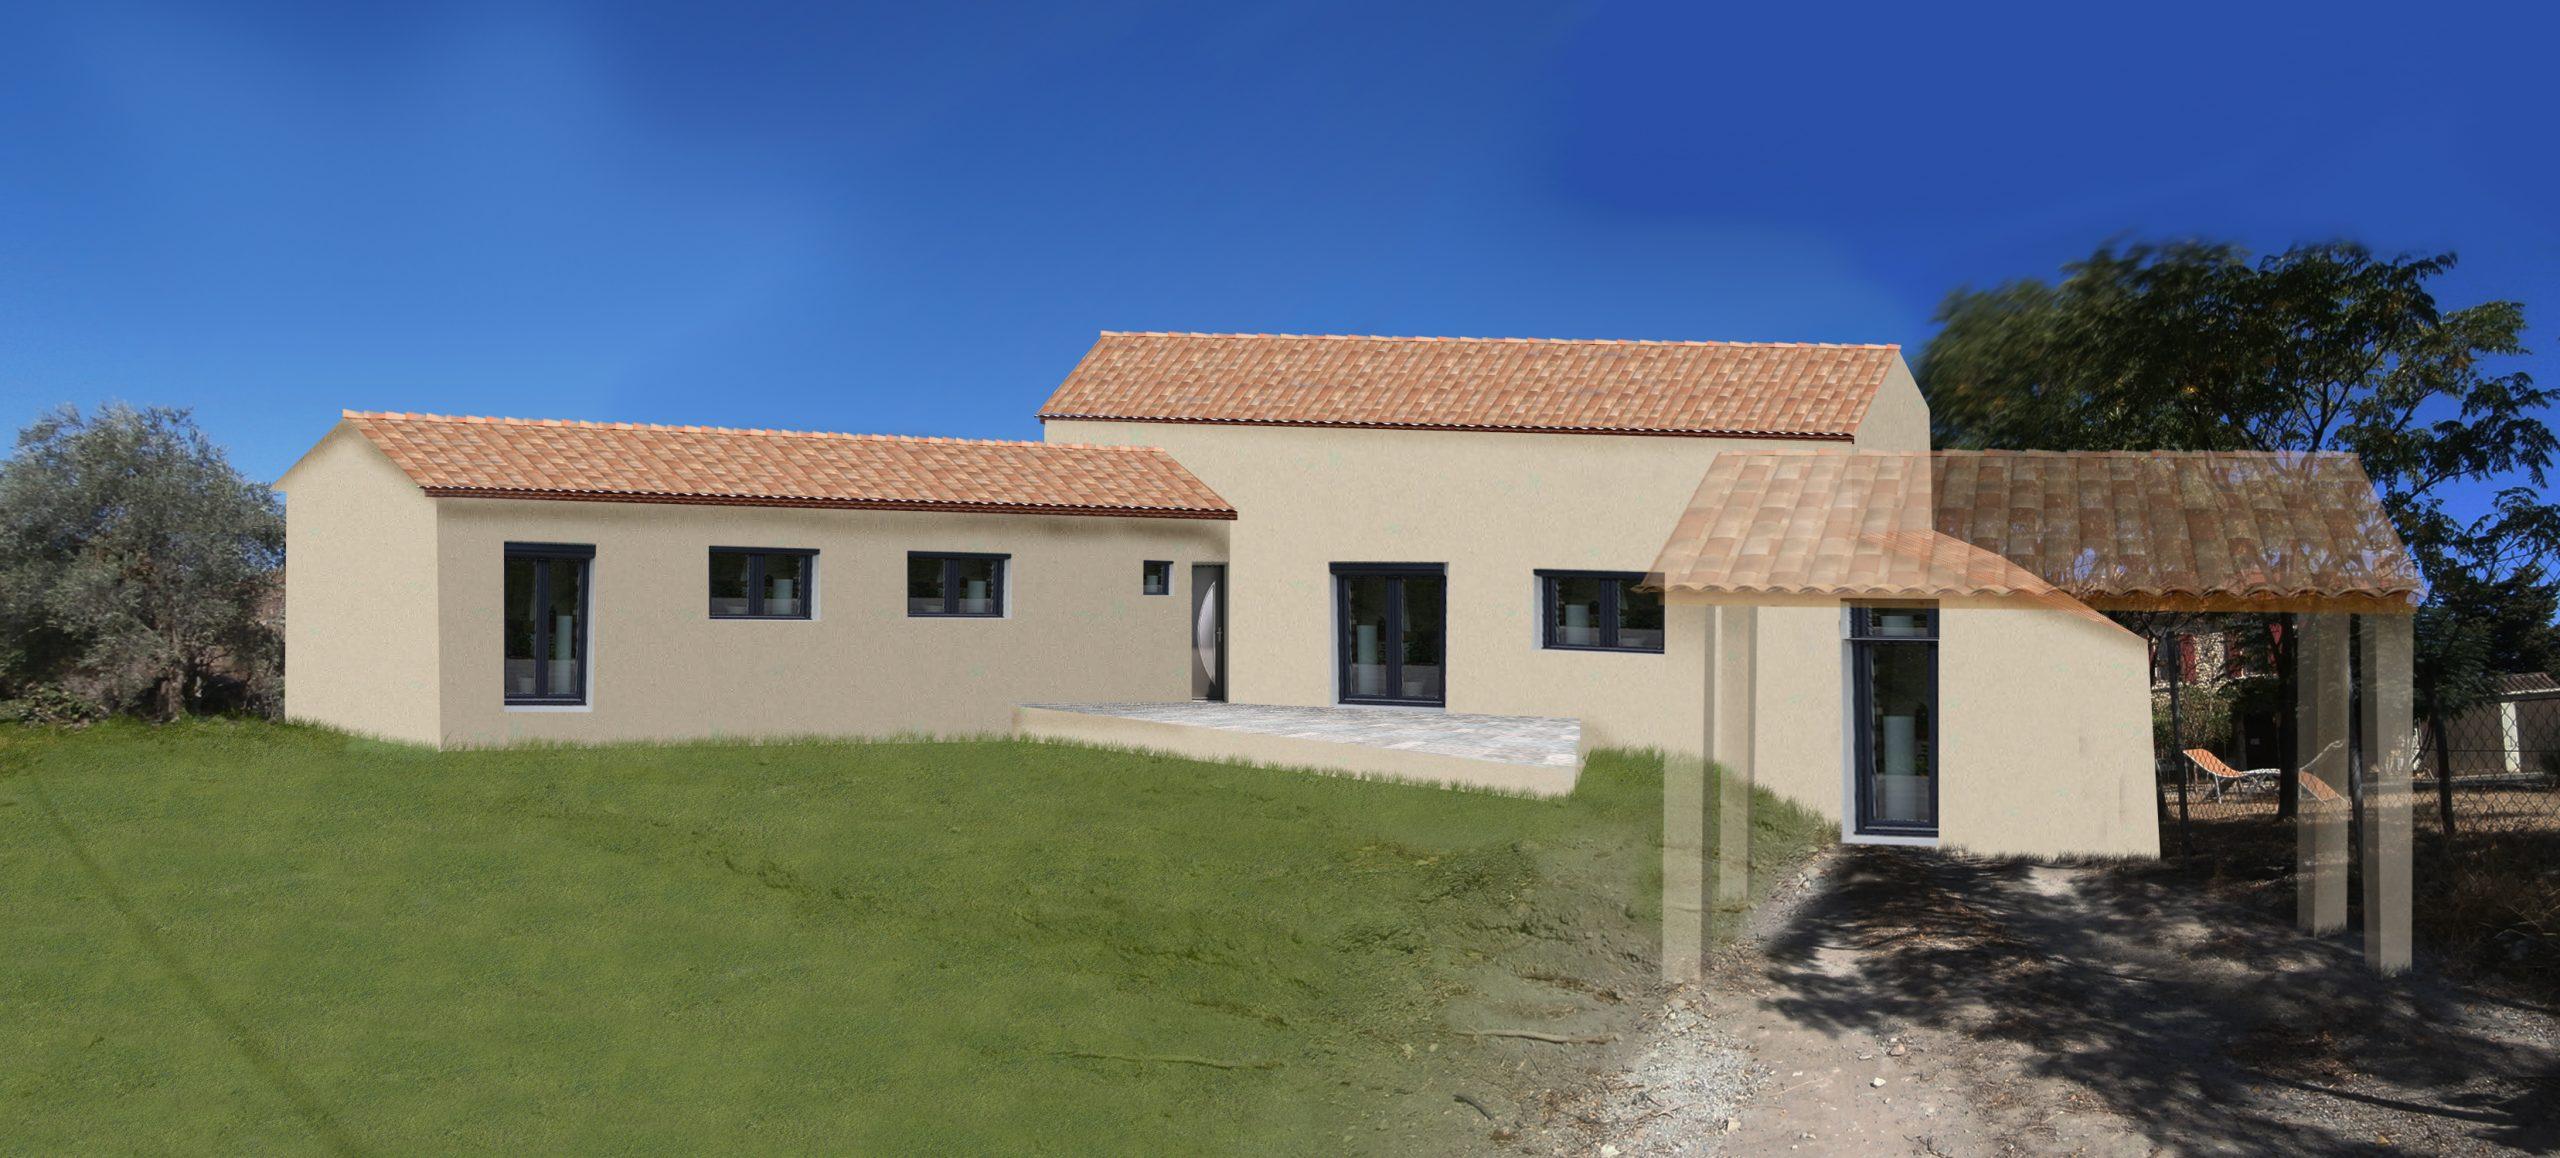 dessinateur en batiment Permis de construire pour maison à Piolenc